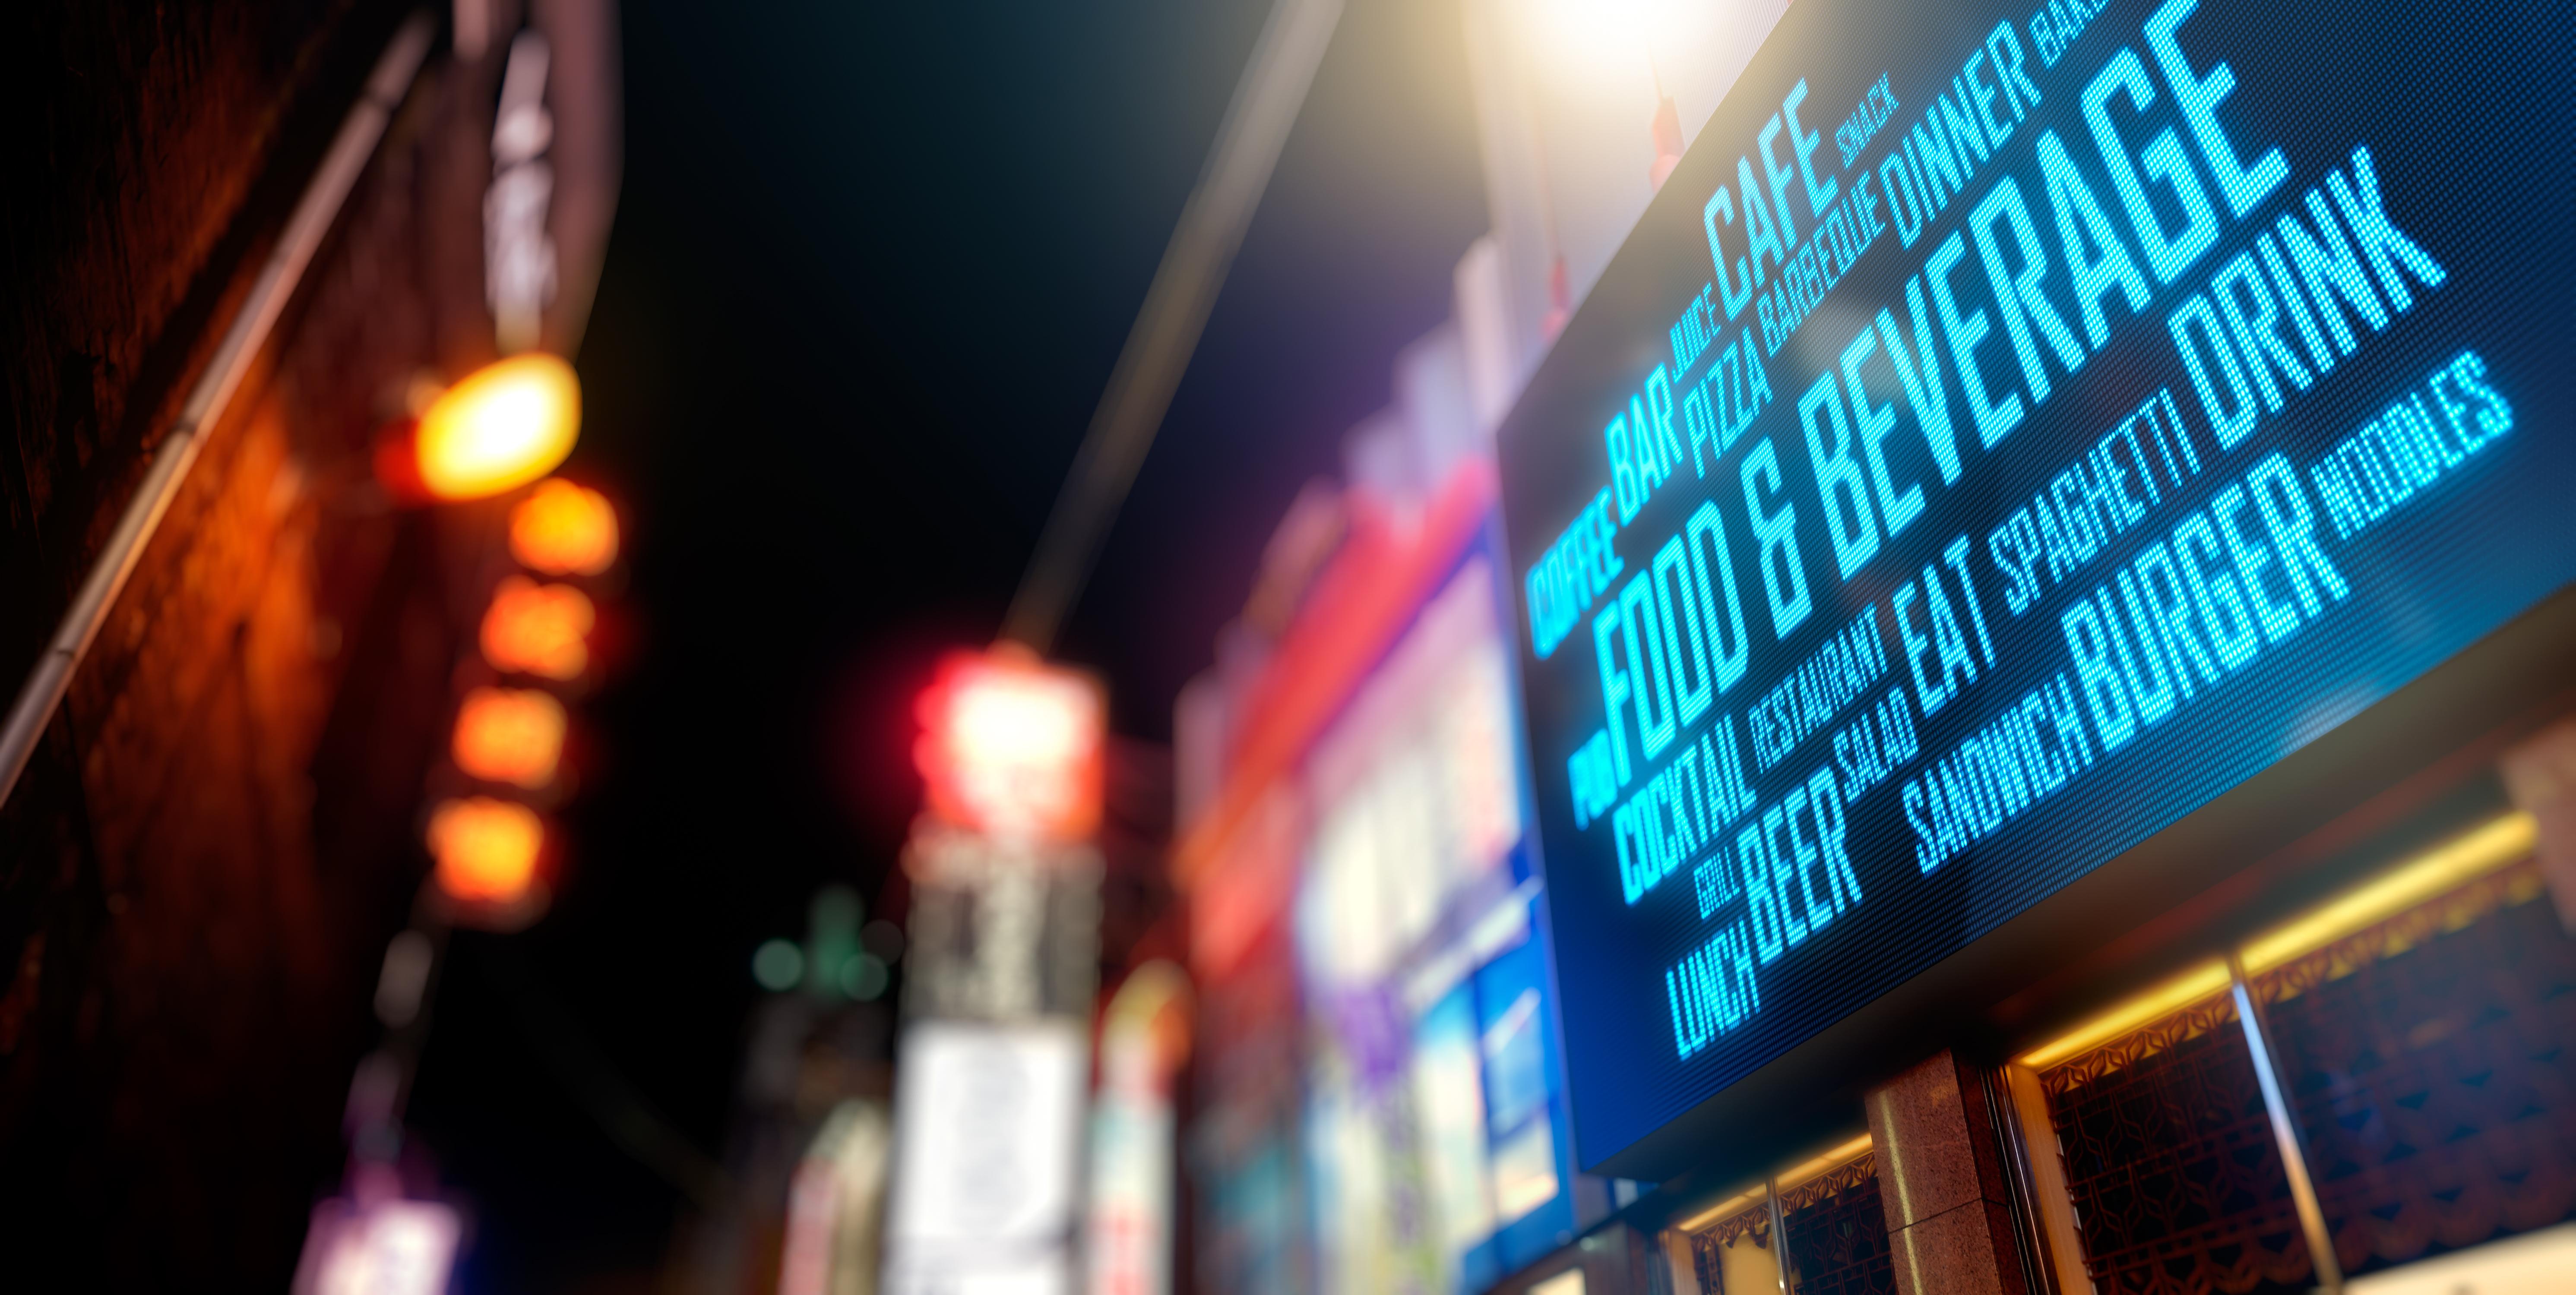 l'uso del digital signage nei negozi fisici